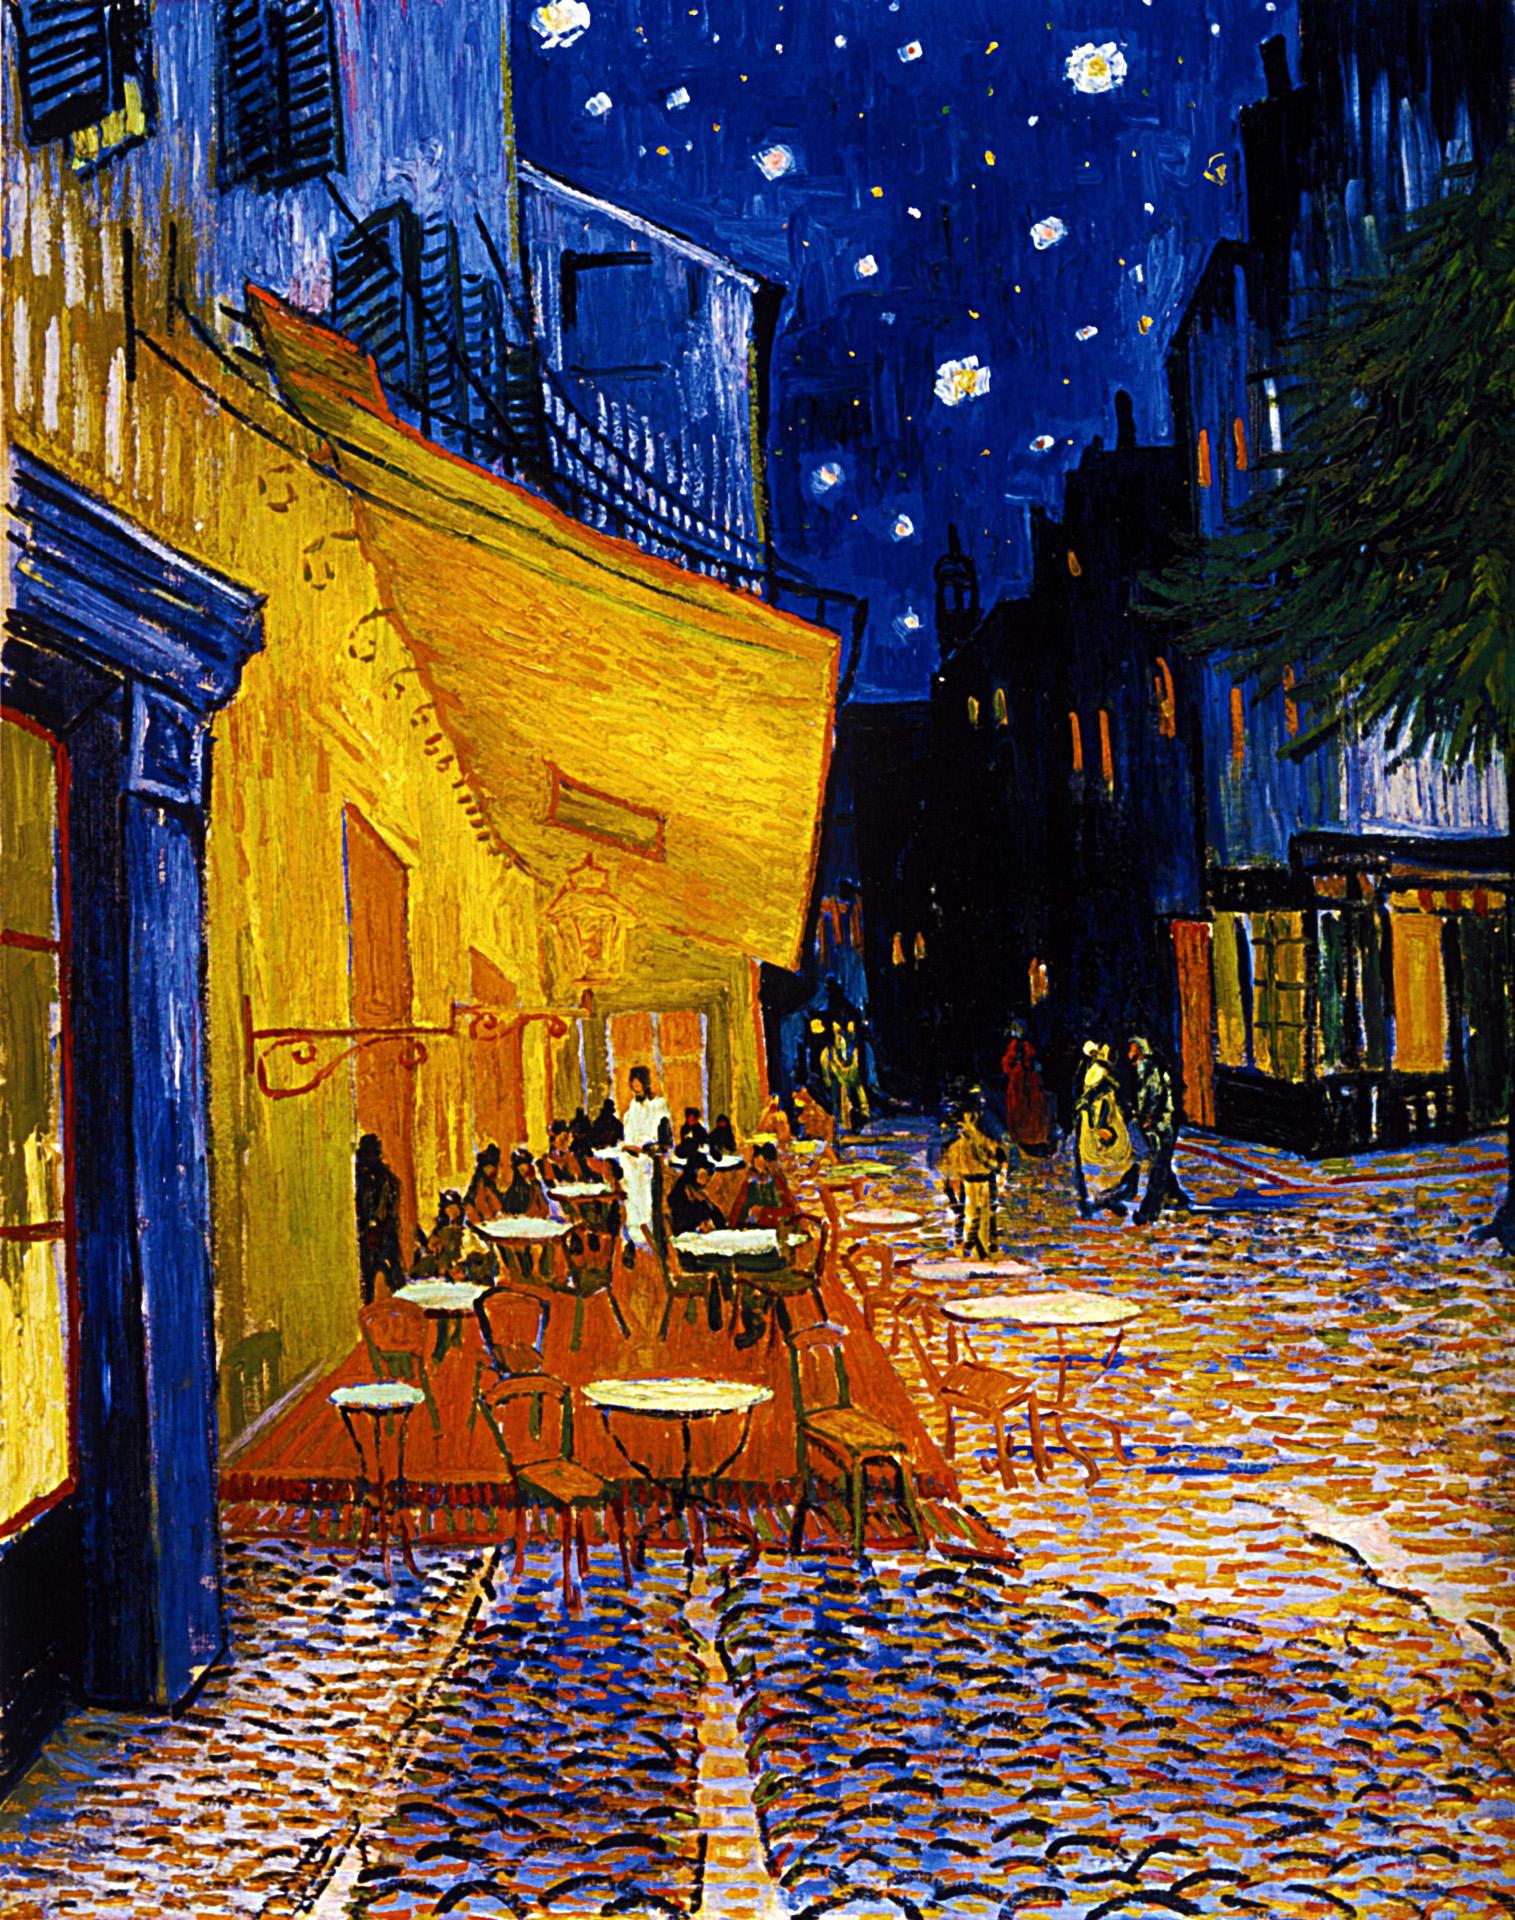 ゴッホ 夜のカフェテラス の画像 ジーソザイ